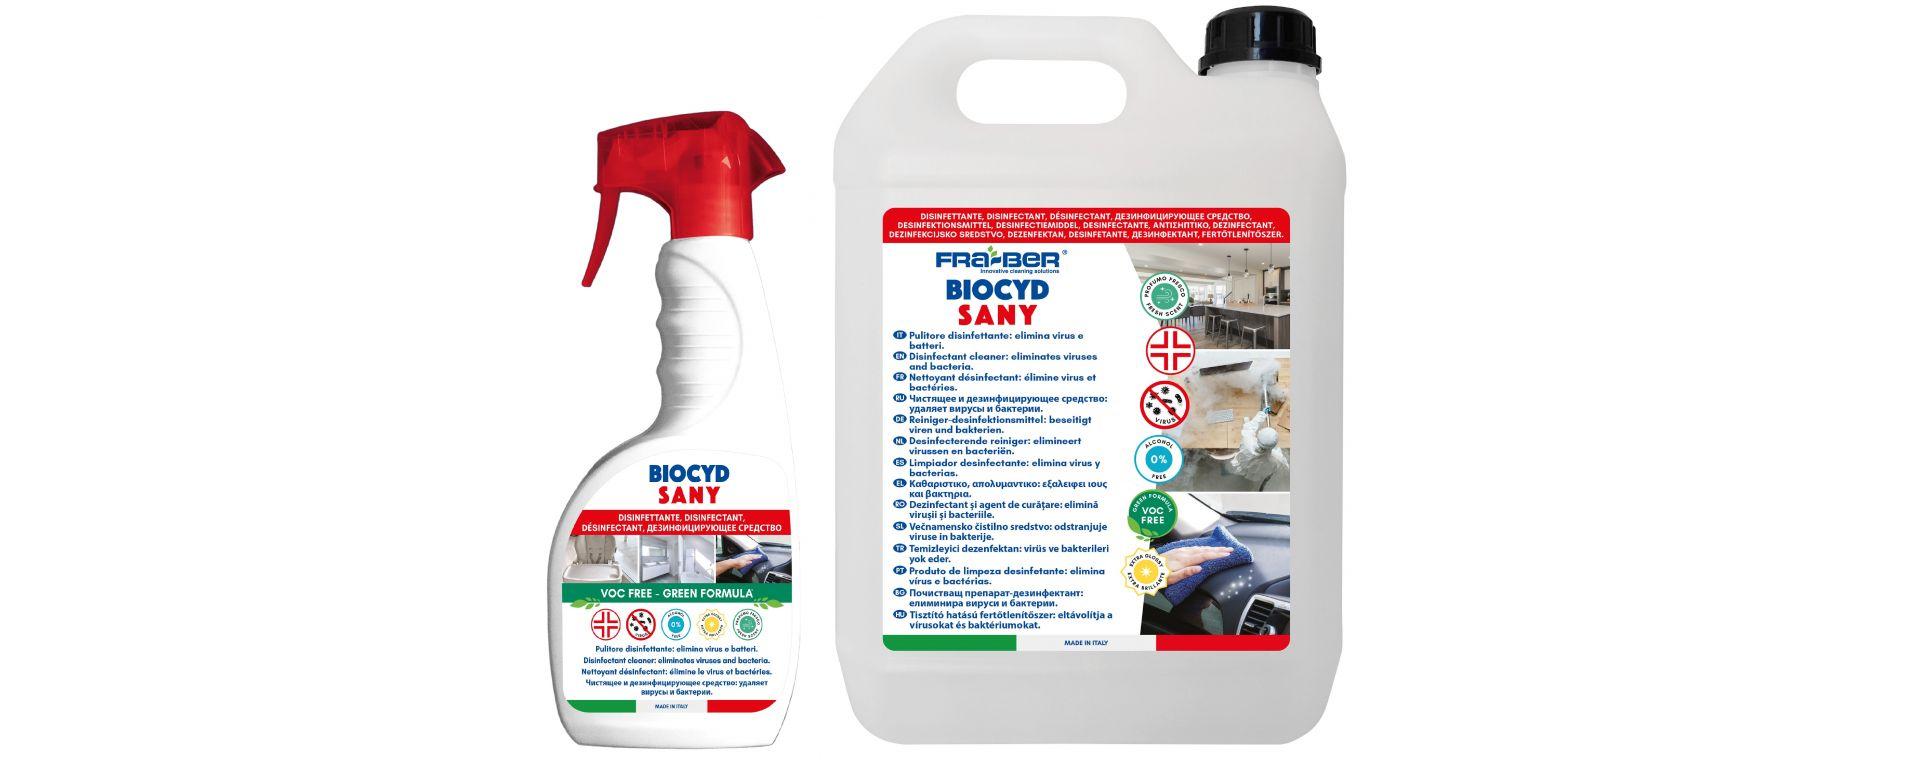 Biocyd Sany Fra-Ber: lo spruzzatore da 750 ml e la tanica da 5 litri